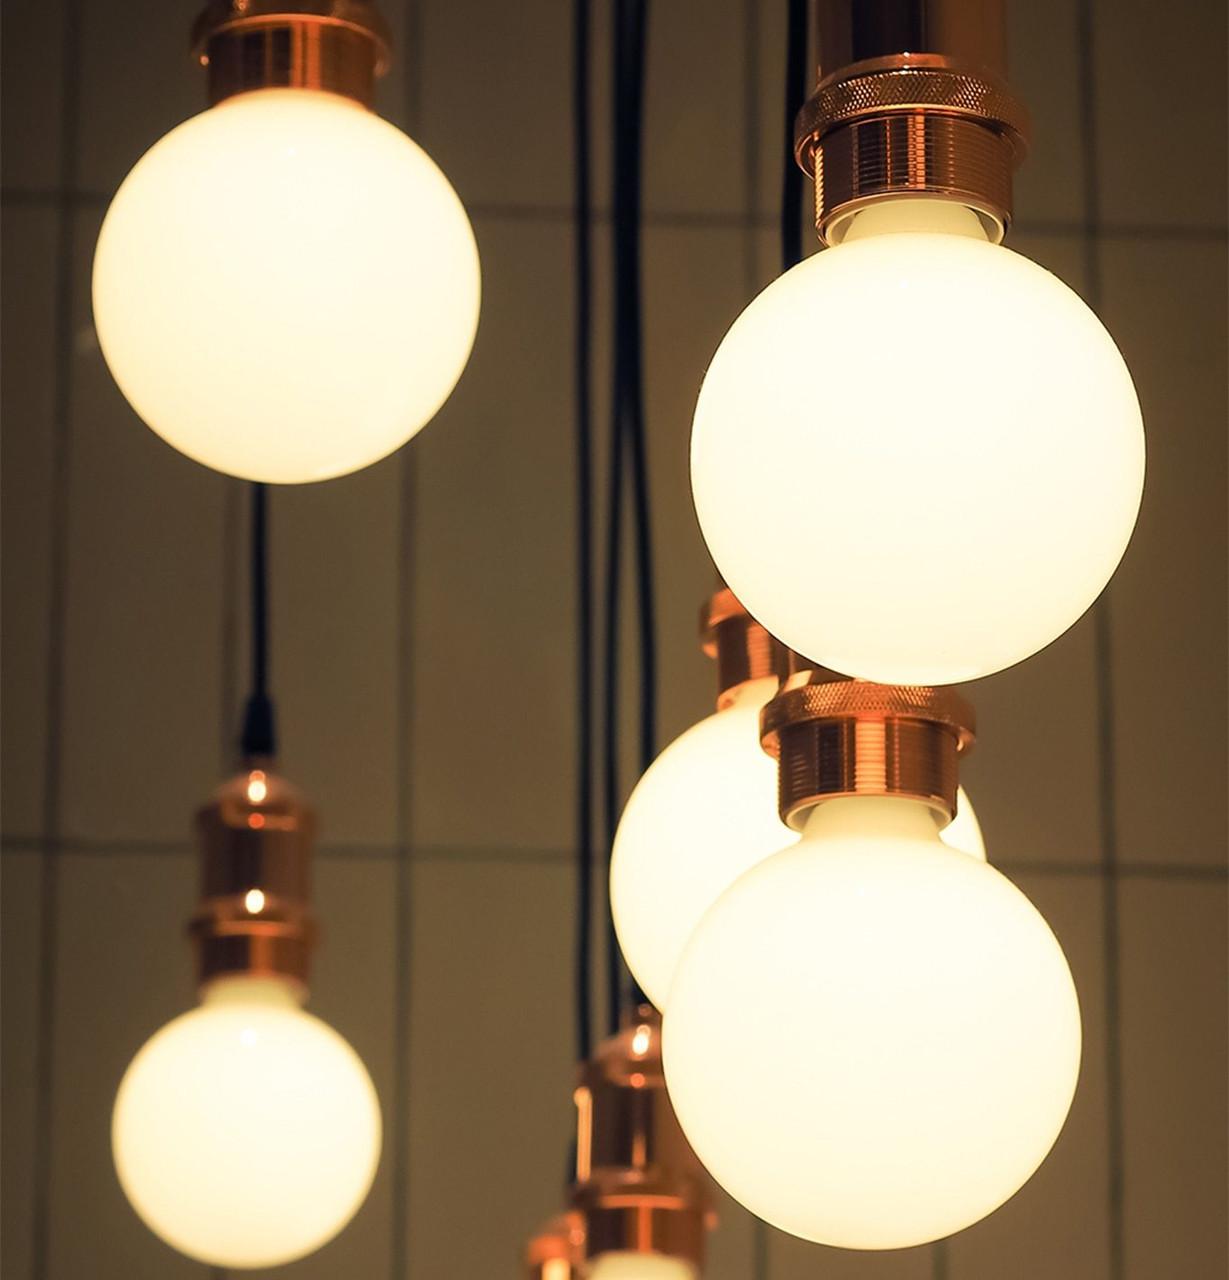 LED G125 BC Light Bulbs